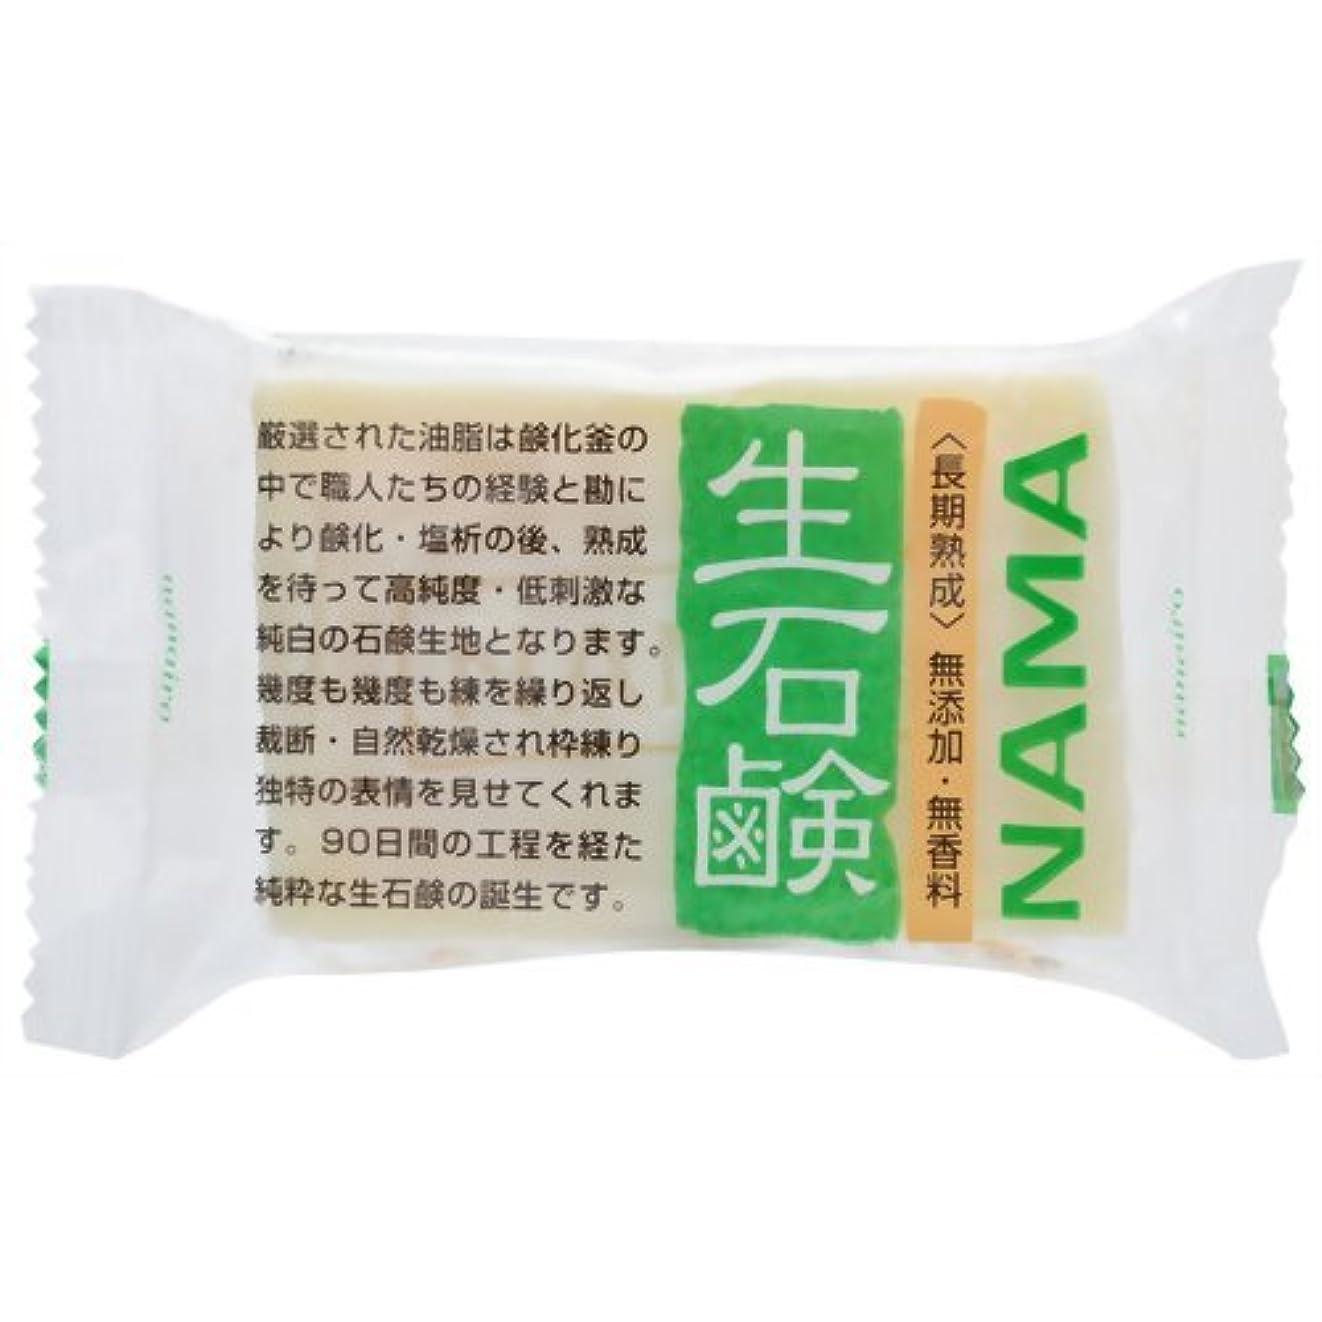 百年ショルダーベール生石鹸NAMA 100g